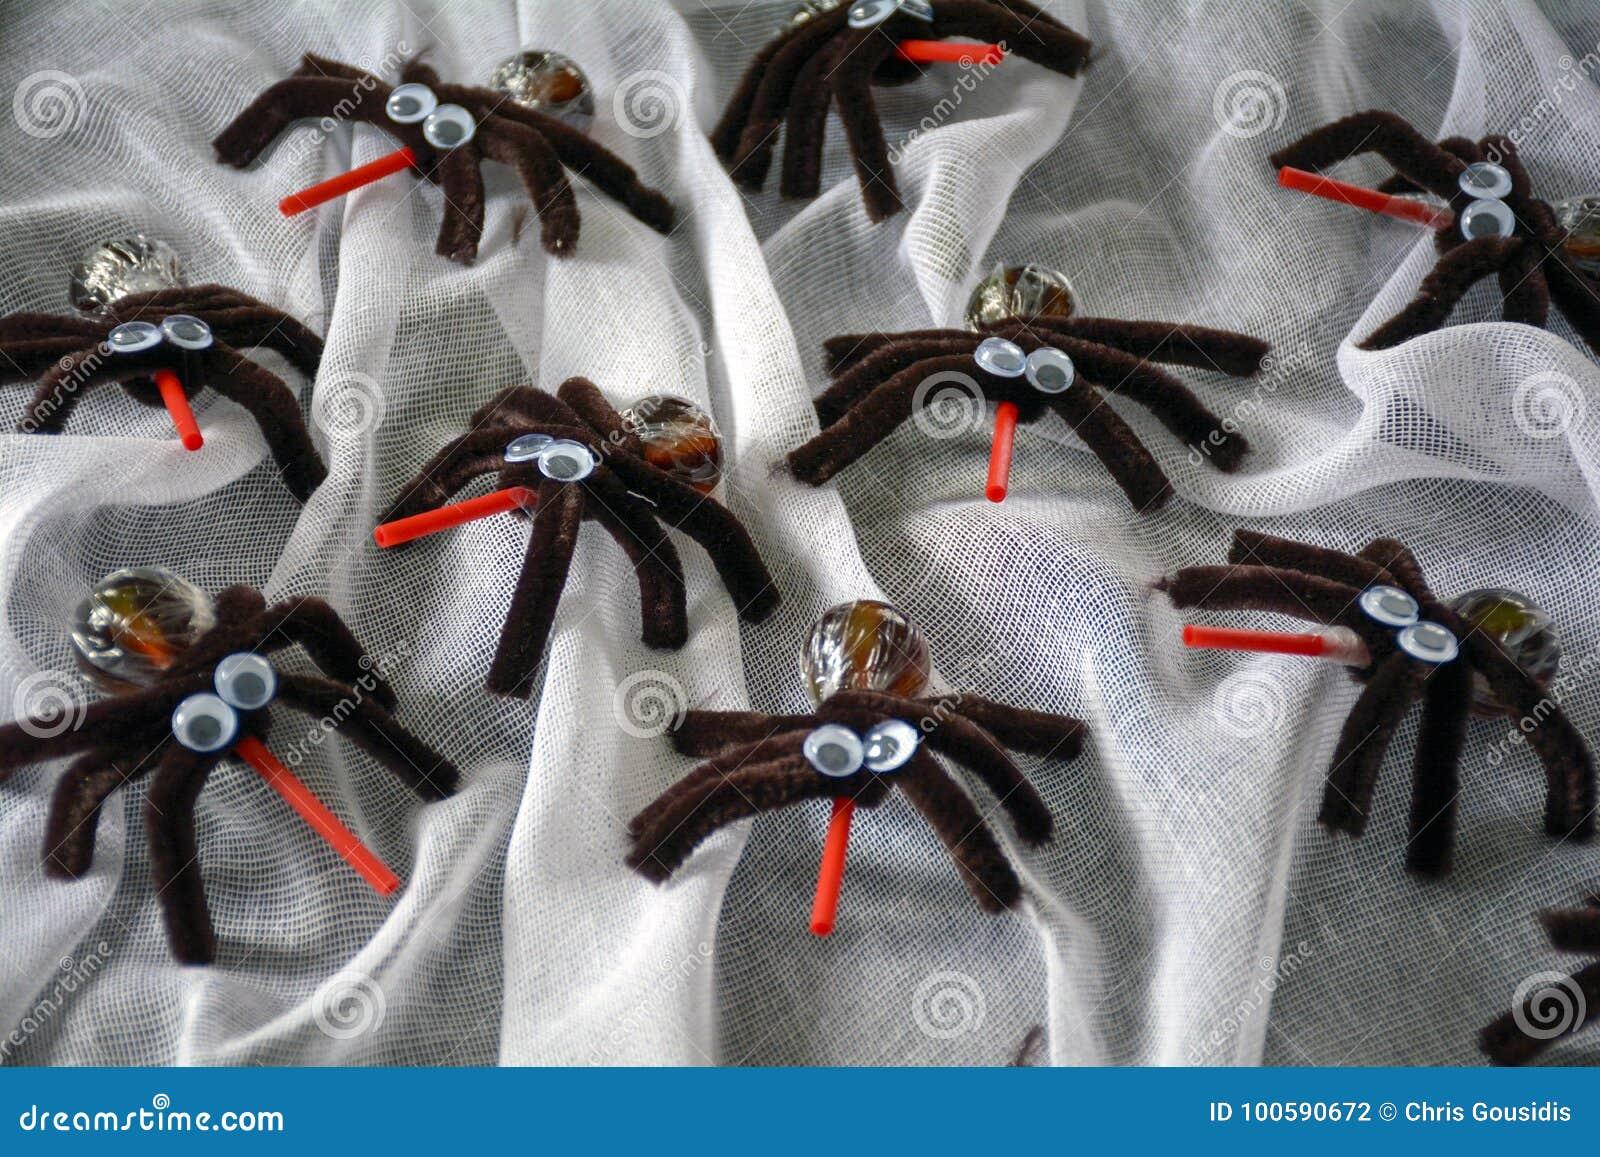 Halloween happy spider treats